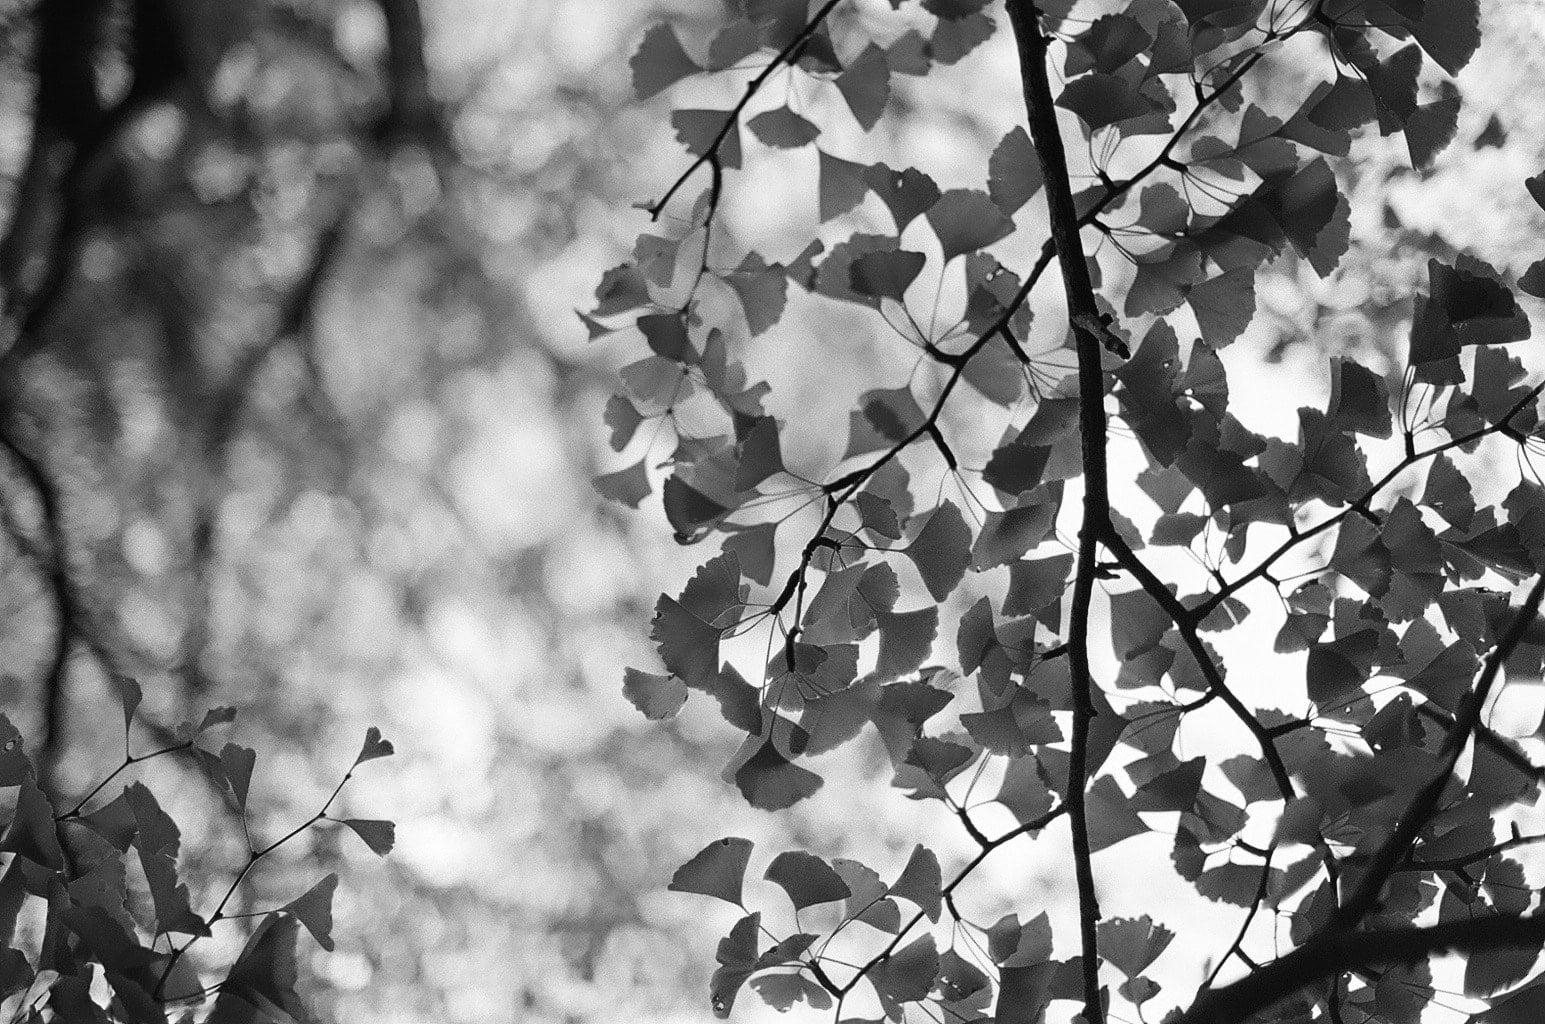 立冬イメージ モノクロームの銀杏の落葉